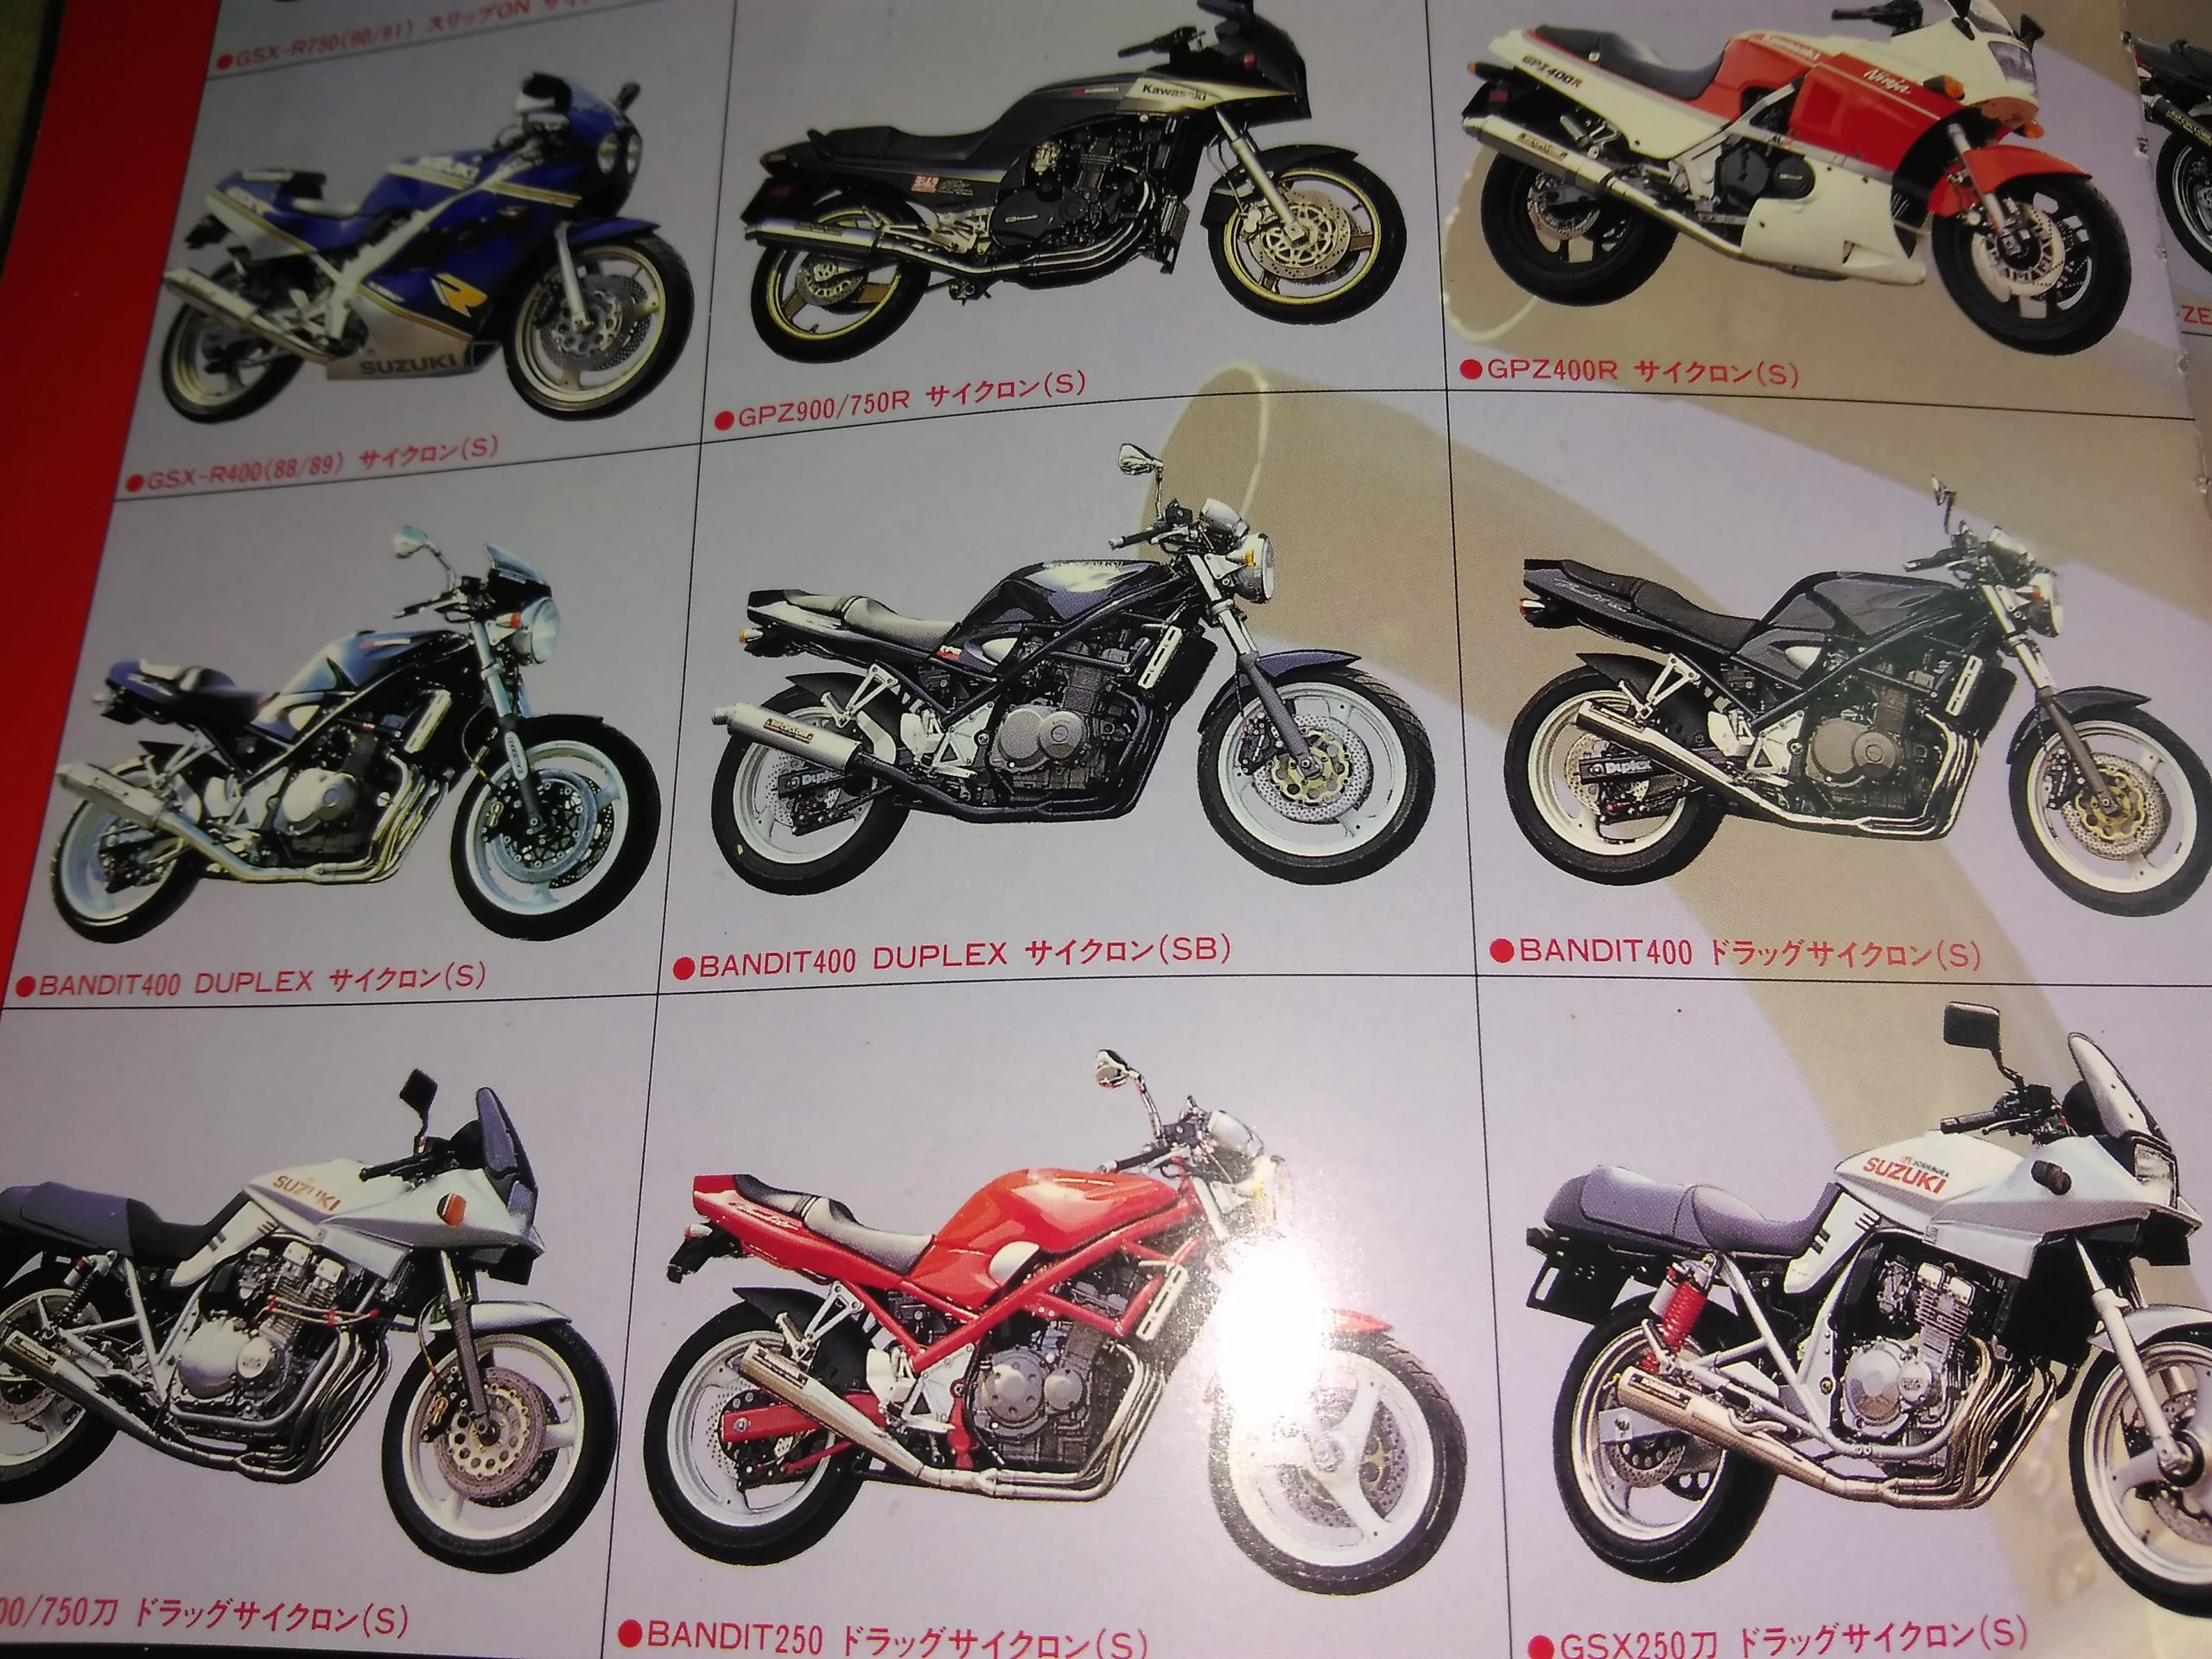 ATENCION, porno duro: Catalogo de chuches Yoshimura 93-95 Img_2011